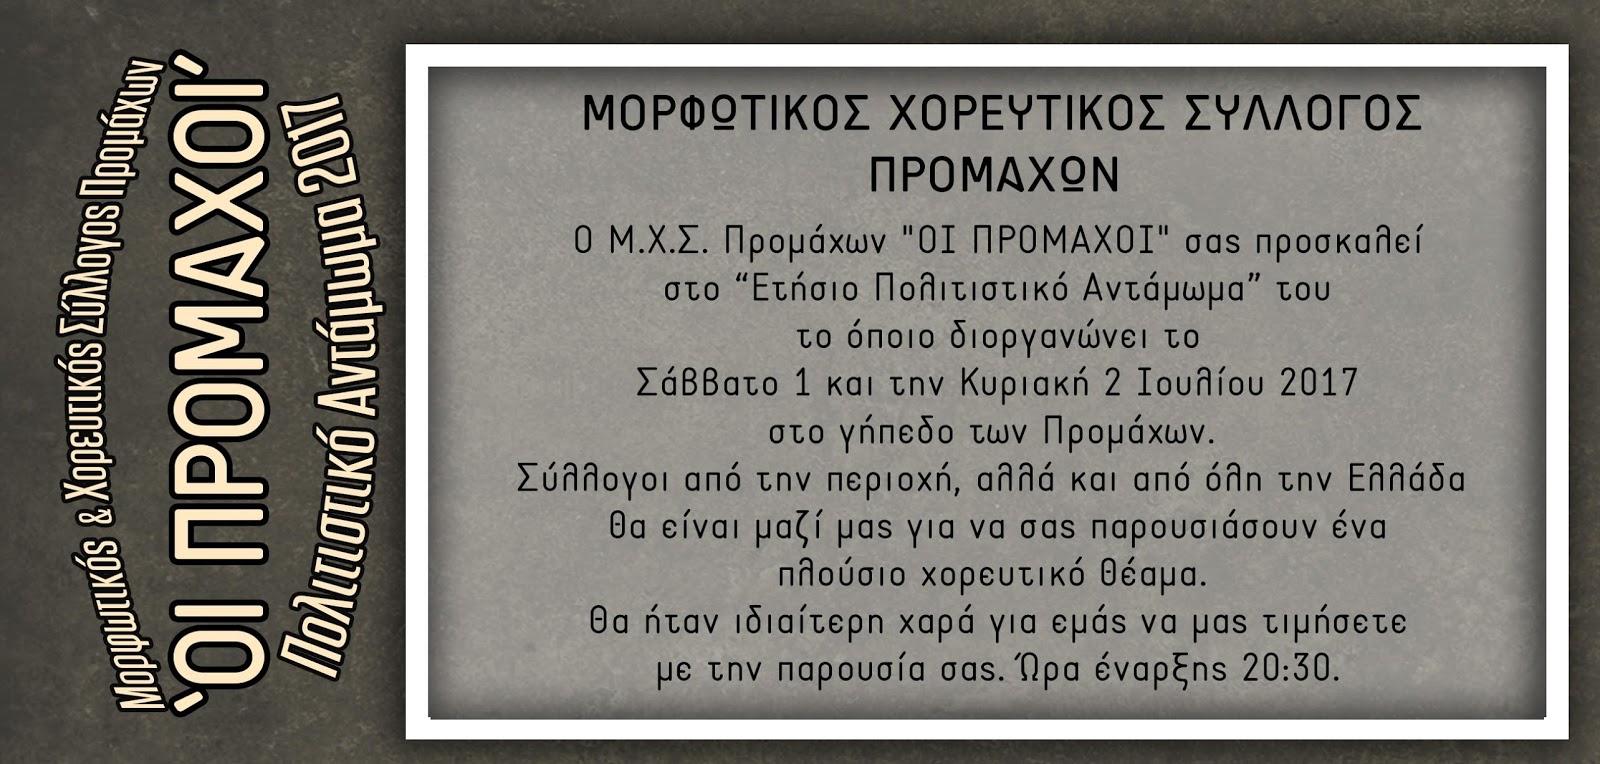 ΠΟΛΙΤΙΣΤΙΚΟ ΑΝΤΑΜΩΜΑ ΤΟΥ Μ.Χ.Σ. ΠΡΟΜΑΧΩΝ